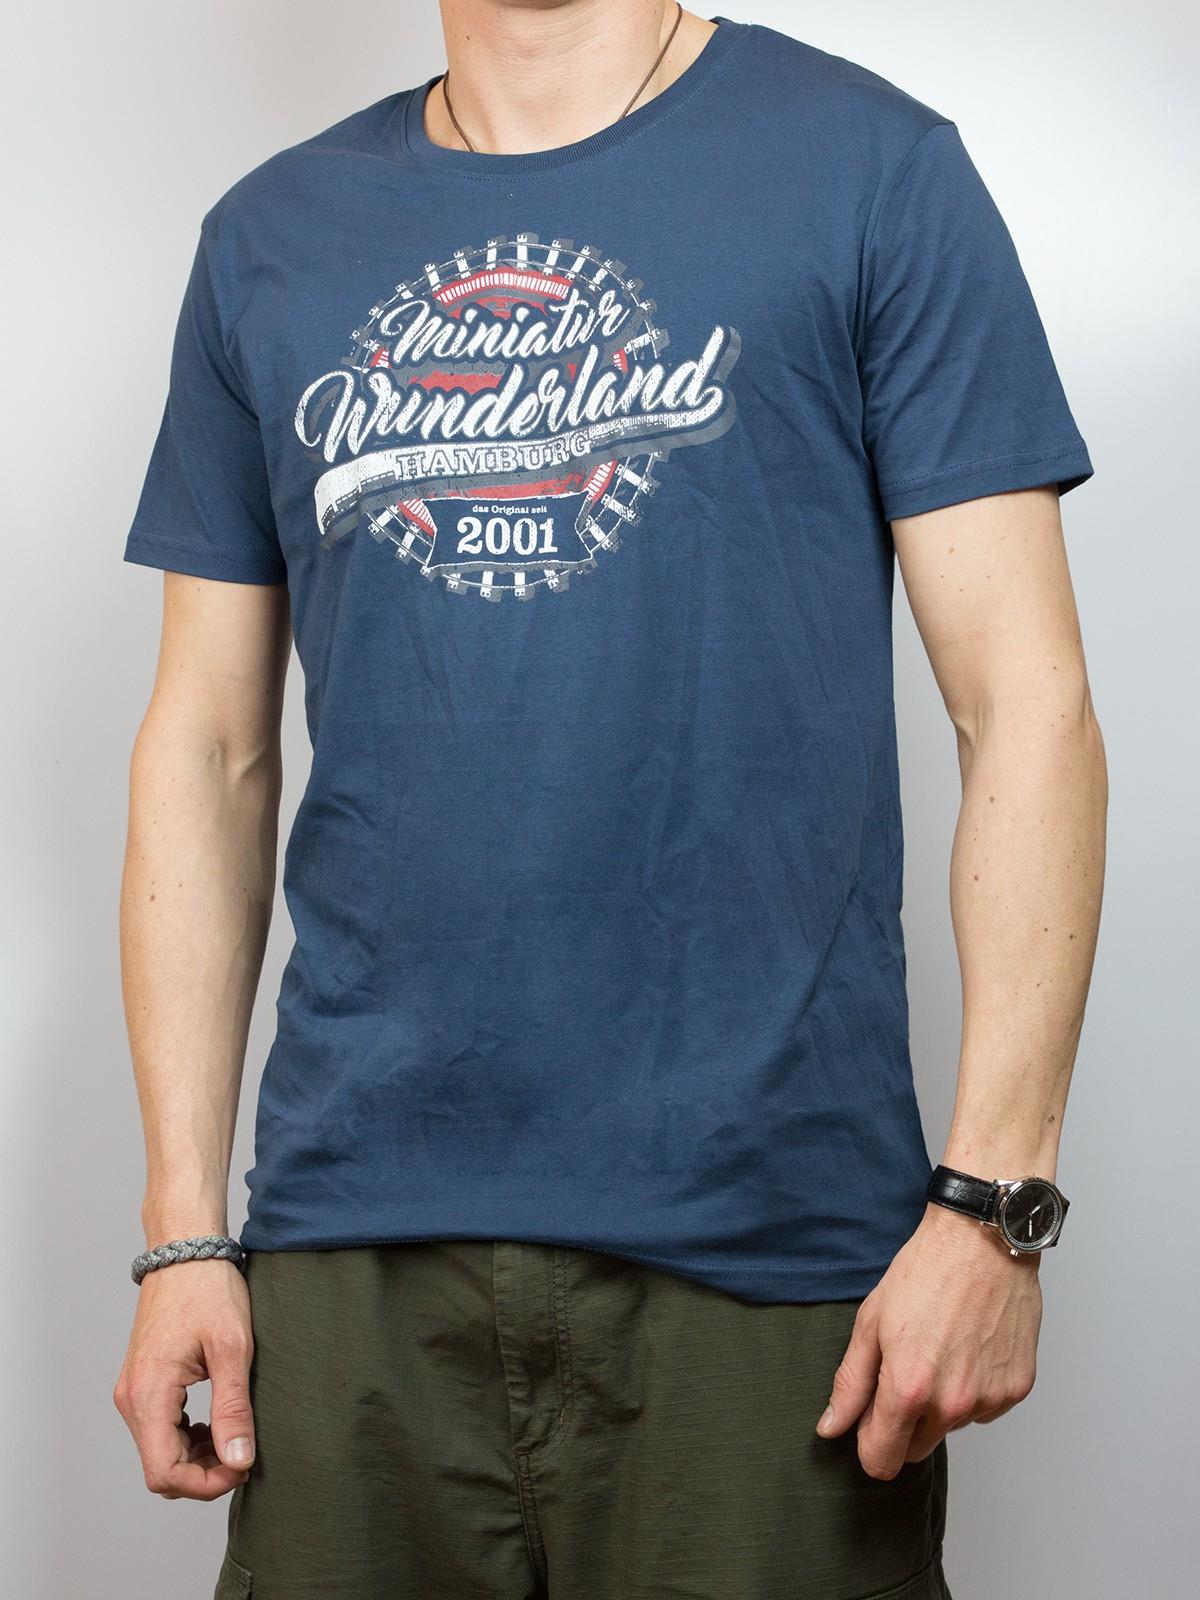 T-Shirt - Miniatur Wunderland seit 2001